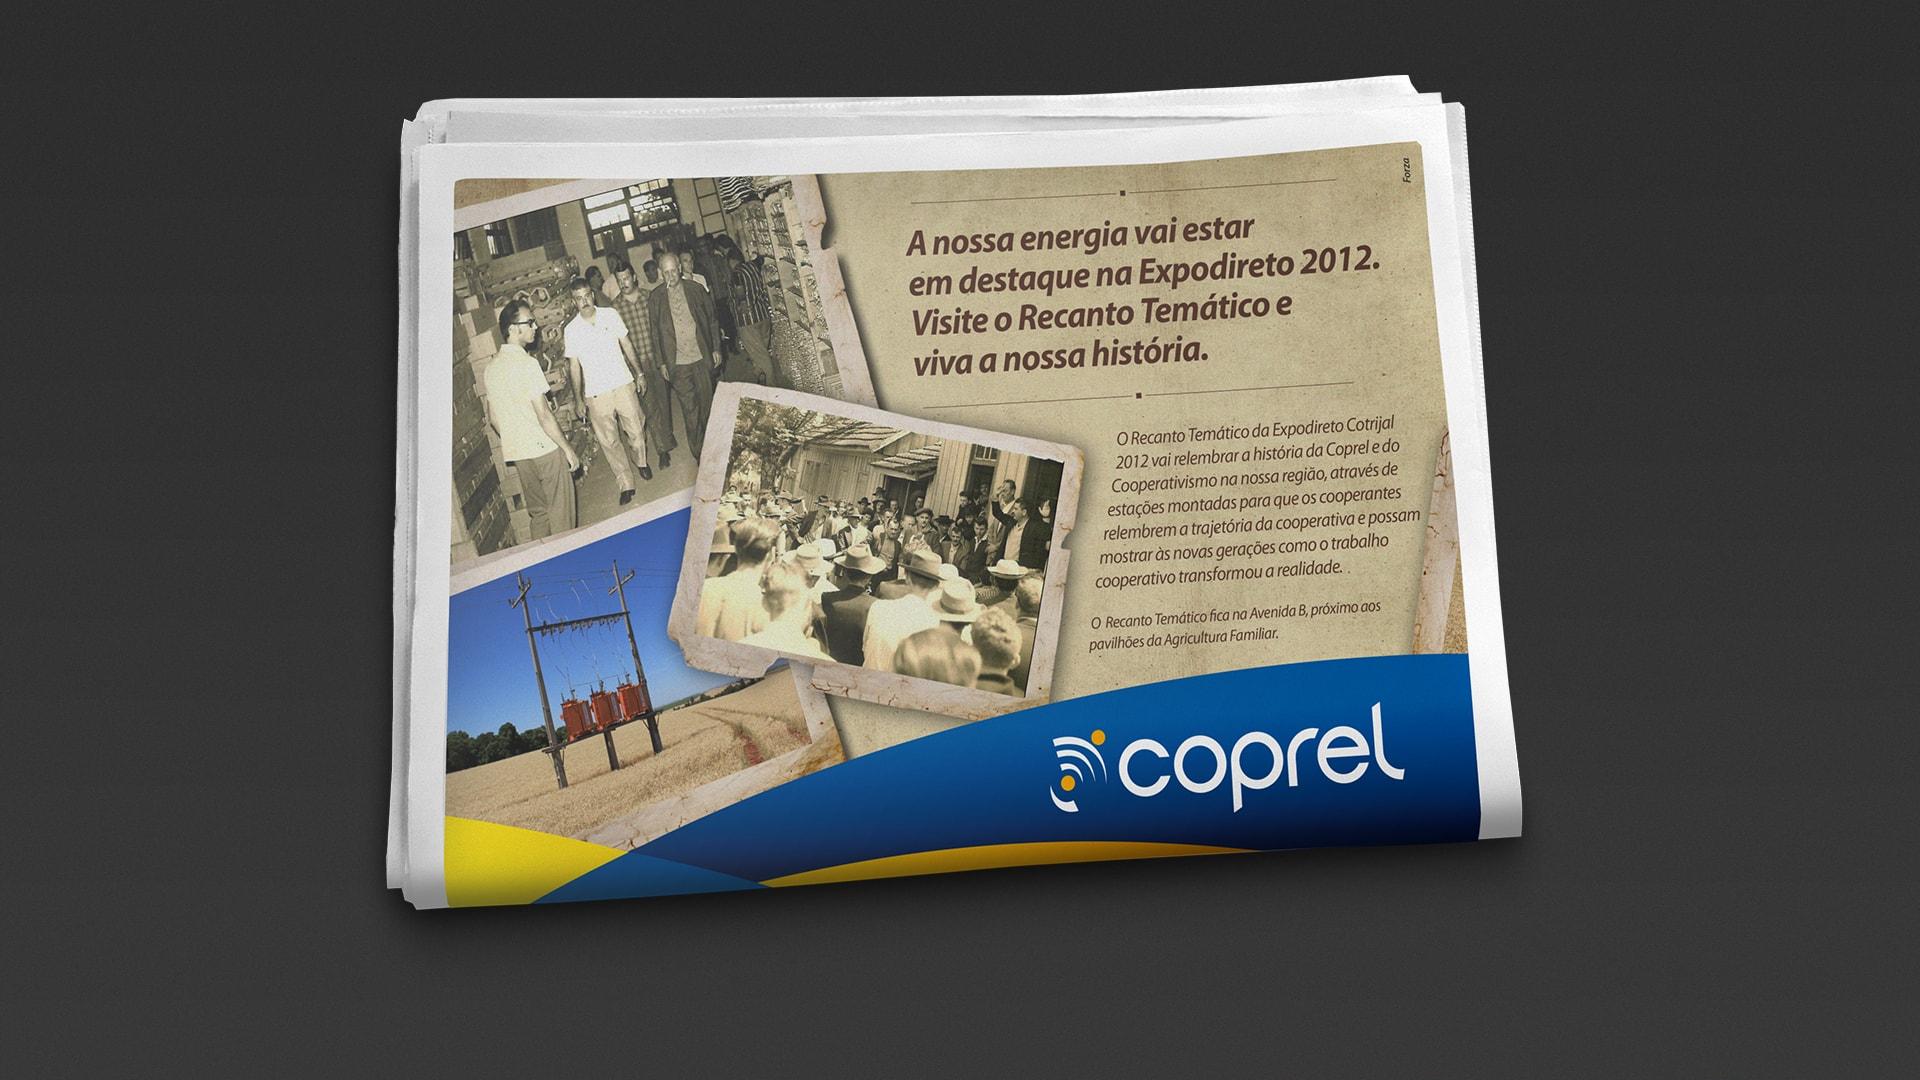 Coprel